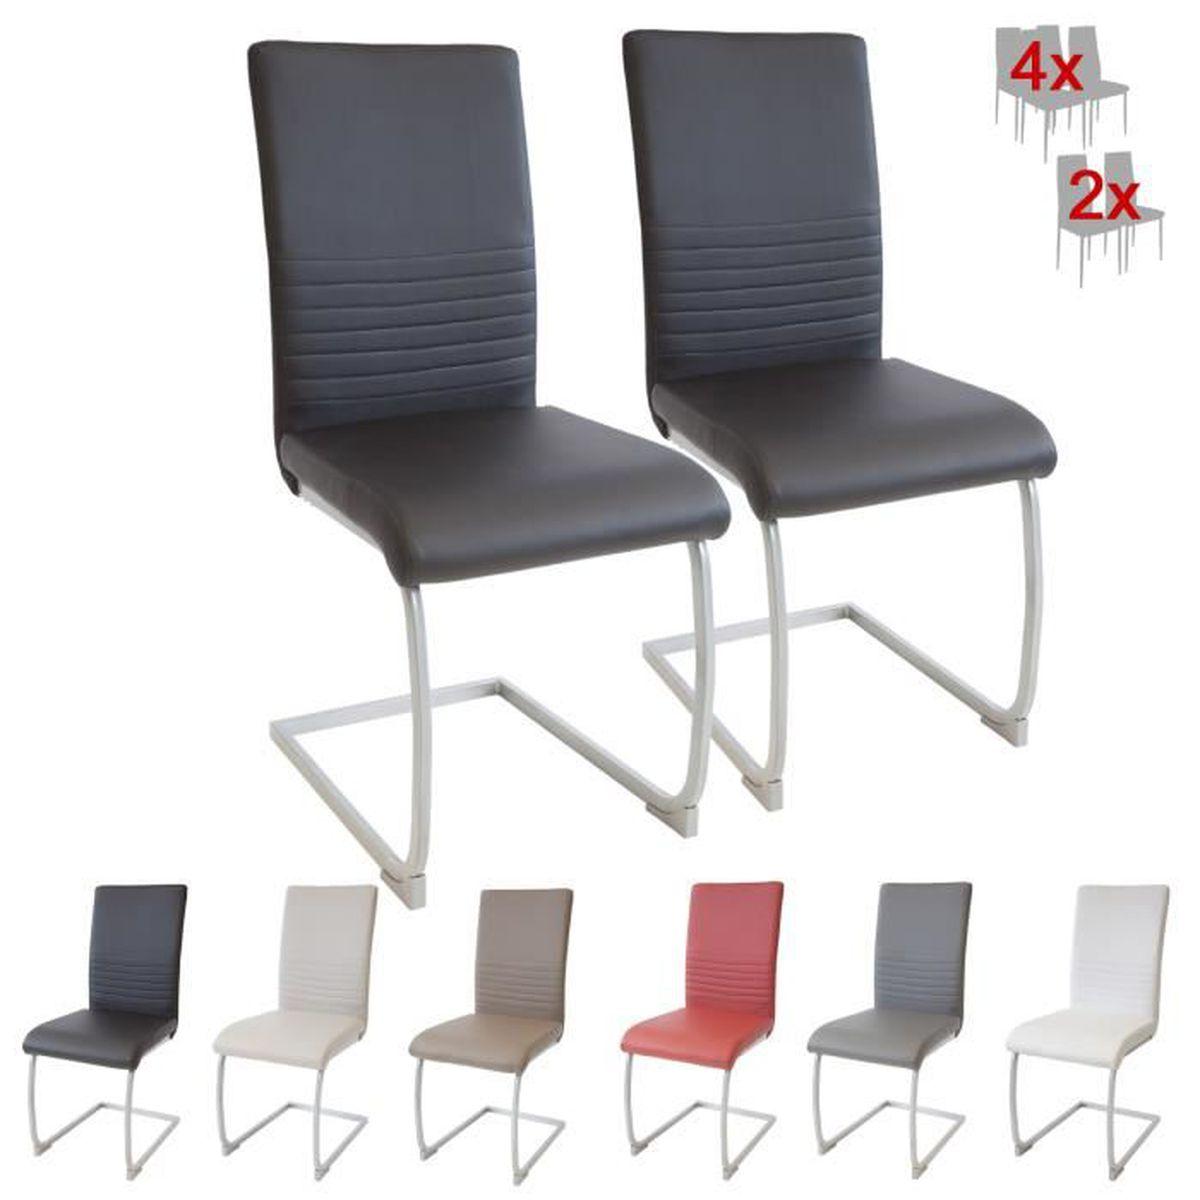 Albatros chaise cantilever murano lot de 2 chaises noir testé par sgs